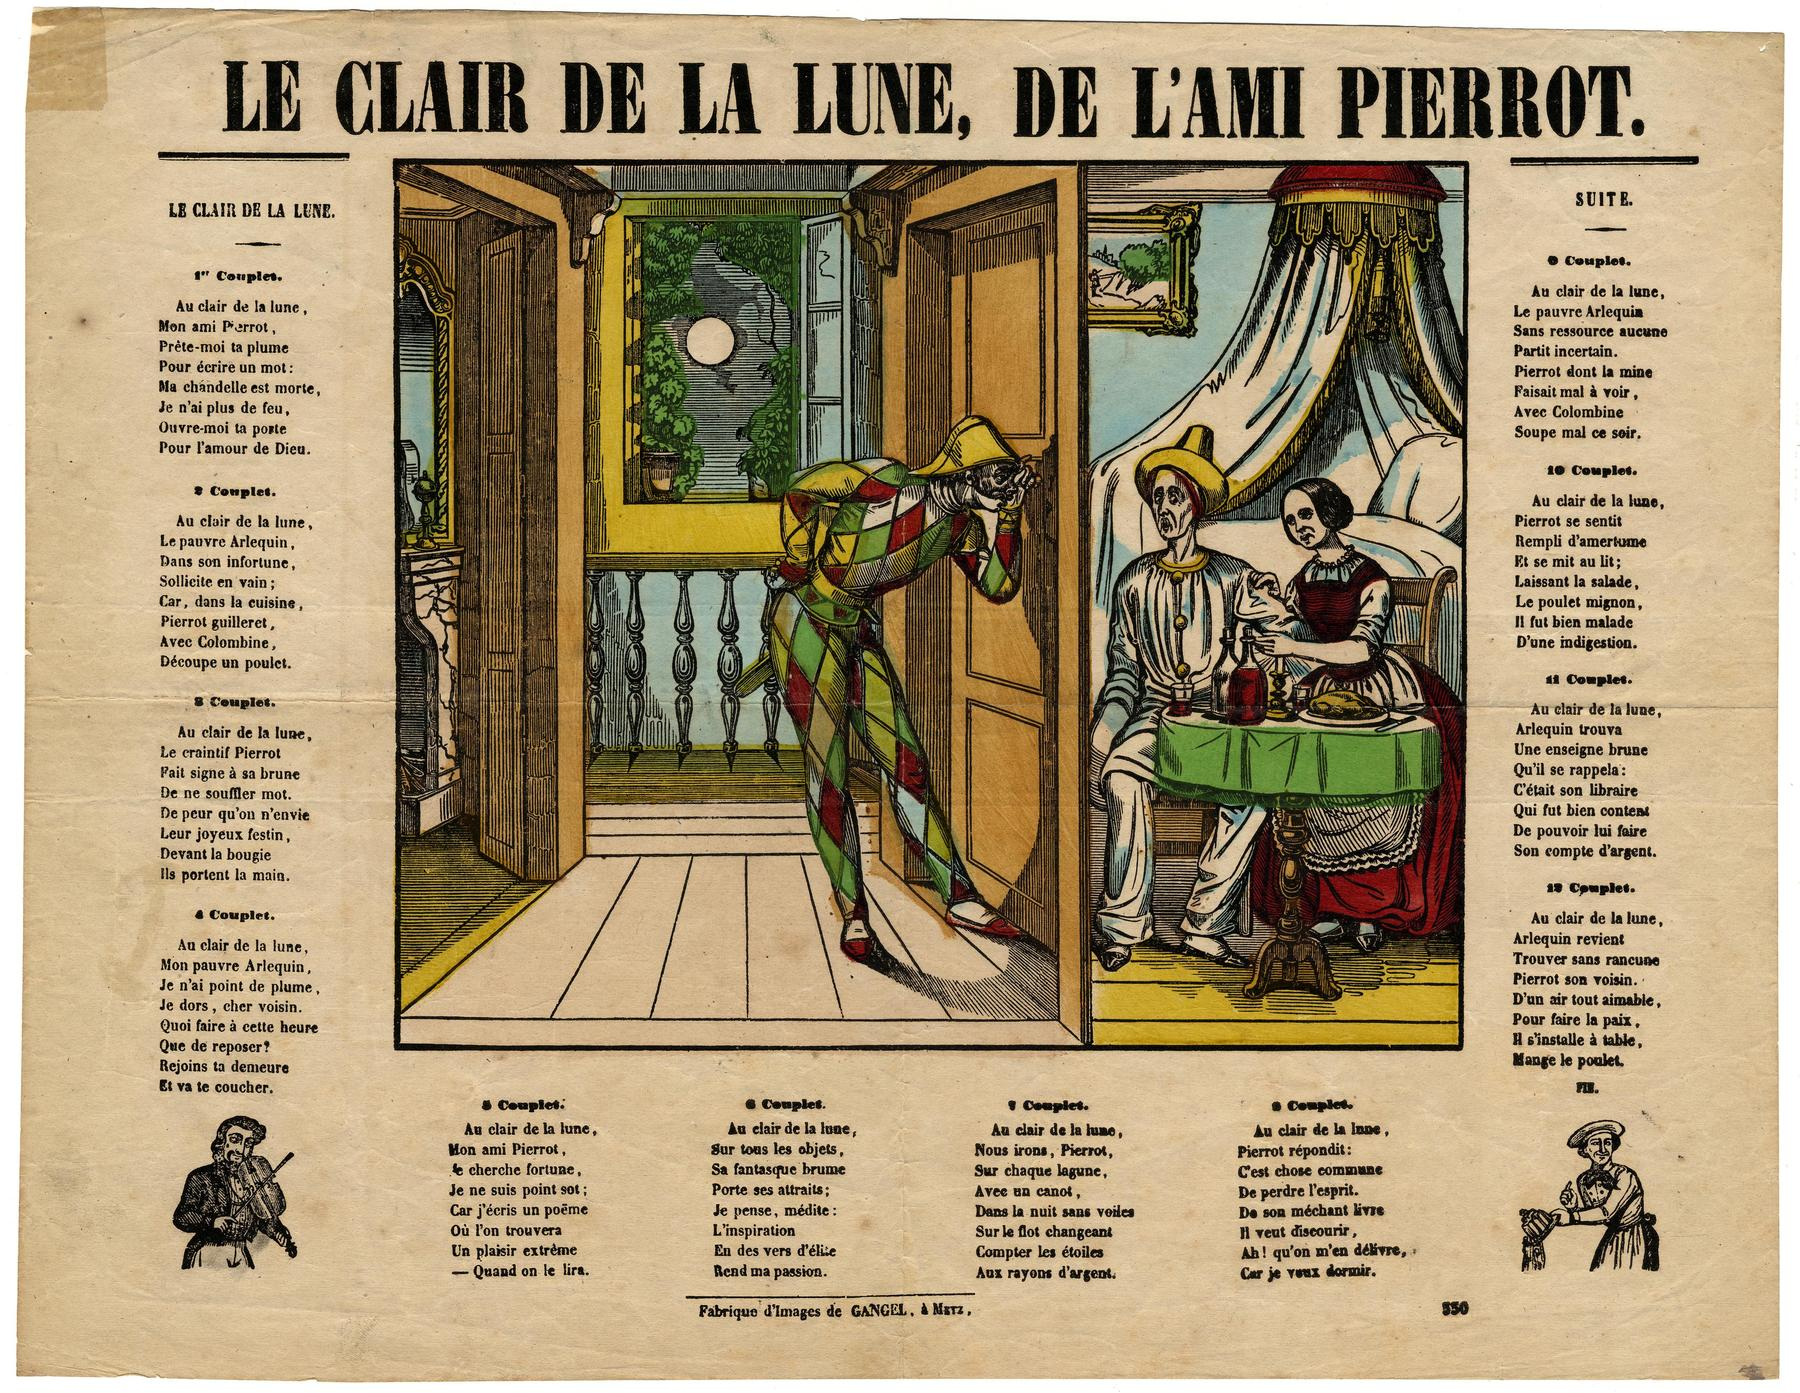 Contenu du Le Clair de la lune de l'ami Pierrot